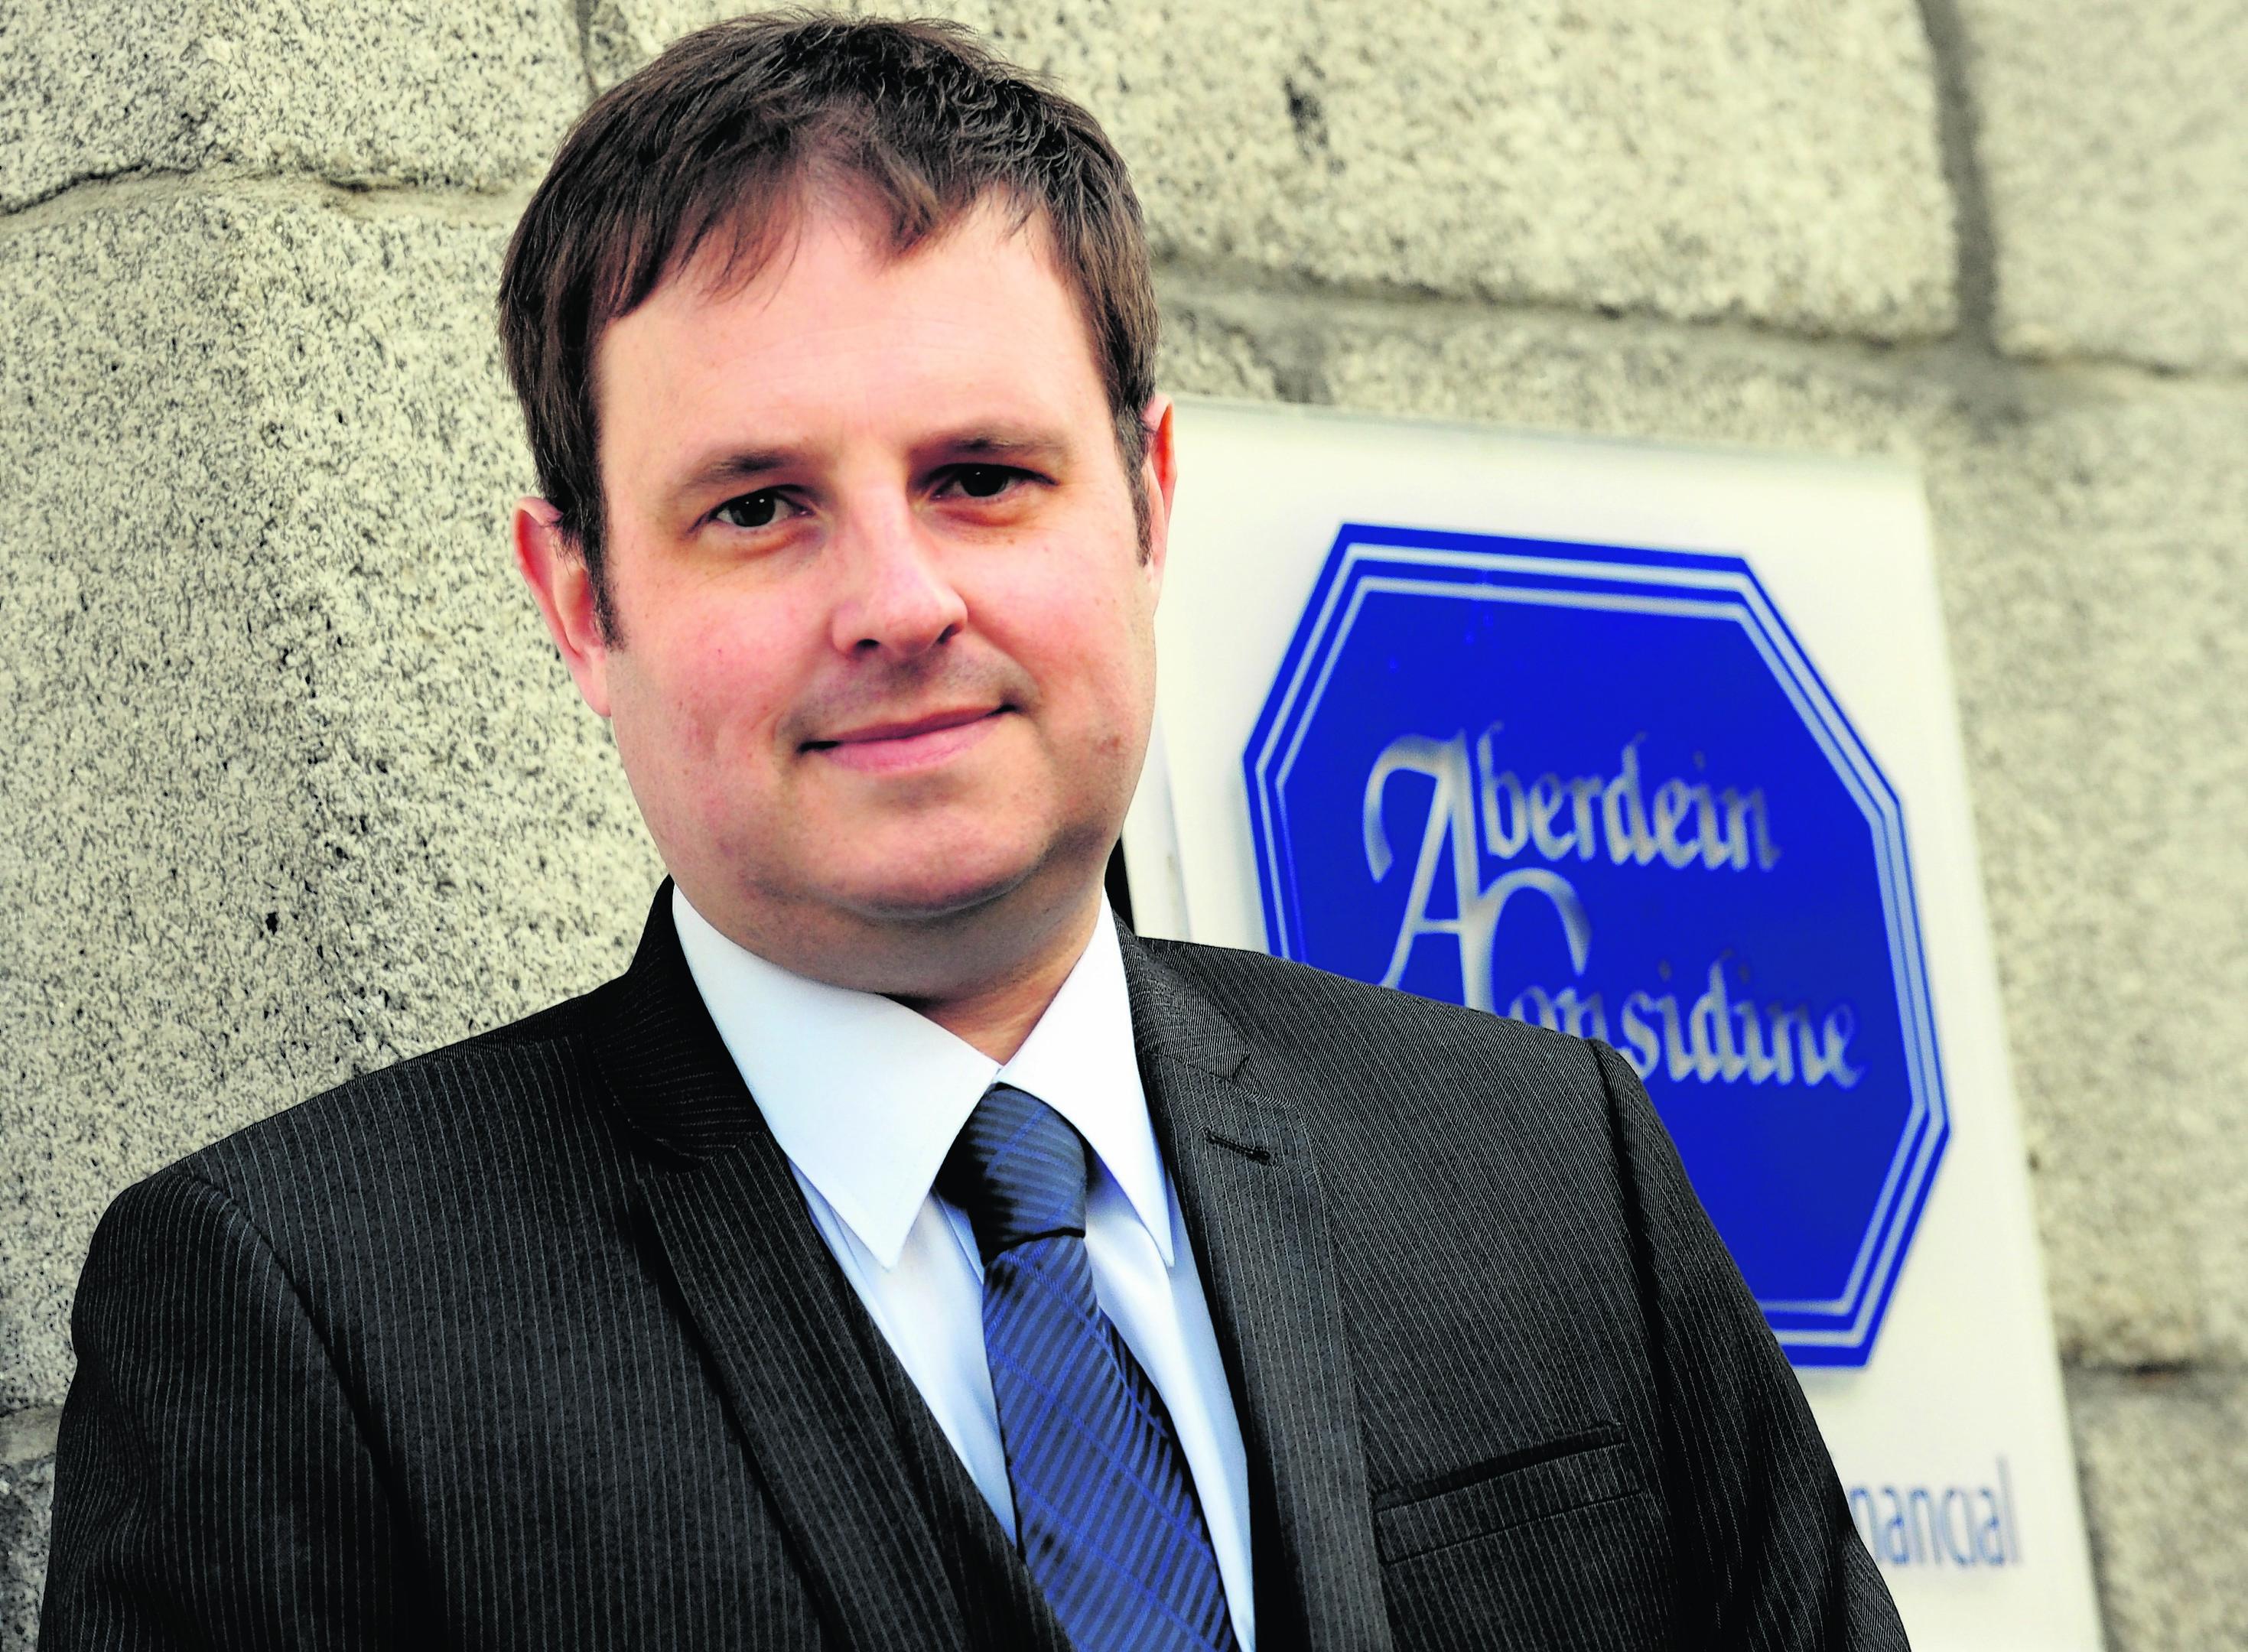 Adrian Sangster, Aberdein Considine, Bon Accord Crescent, Aberdeen. Picture by JIM IRVINE  15-10-12        .